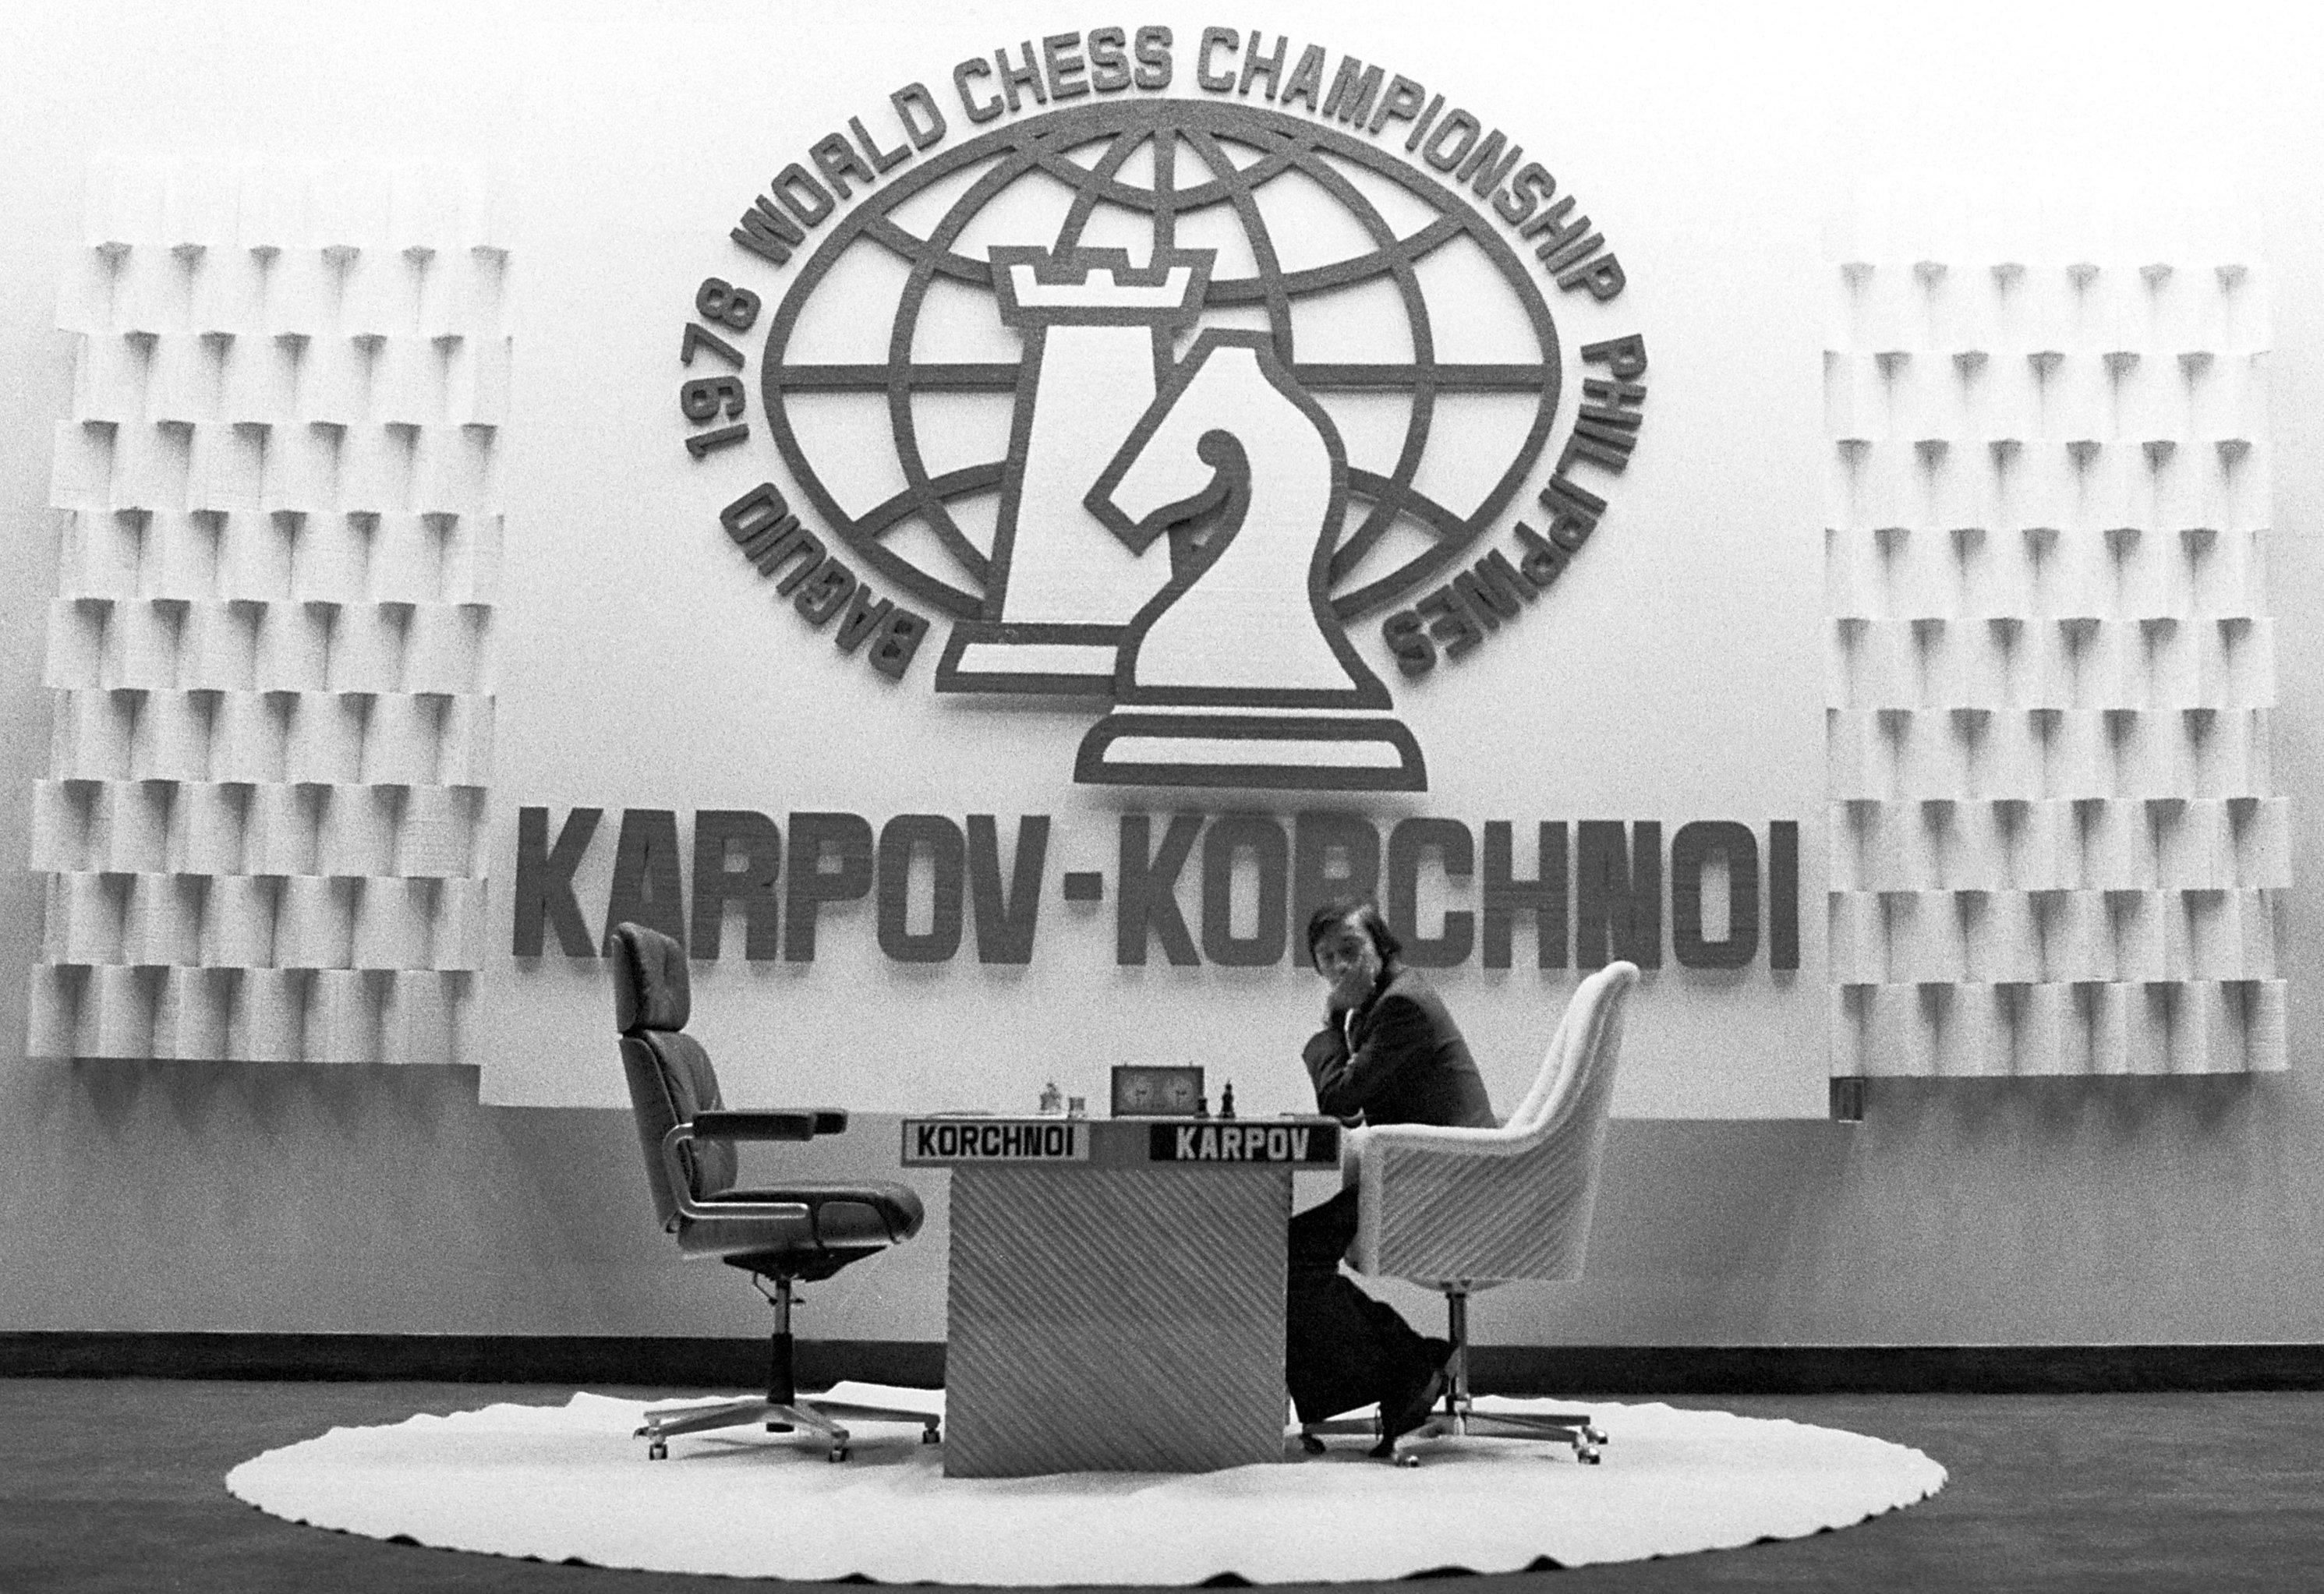 Шахматный матч между Анатолием Карповым и Виктором Корчным